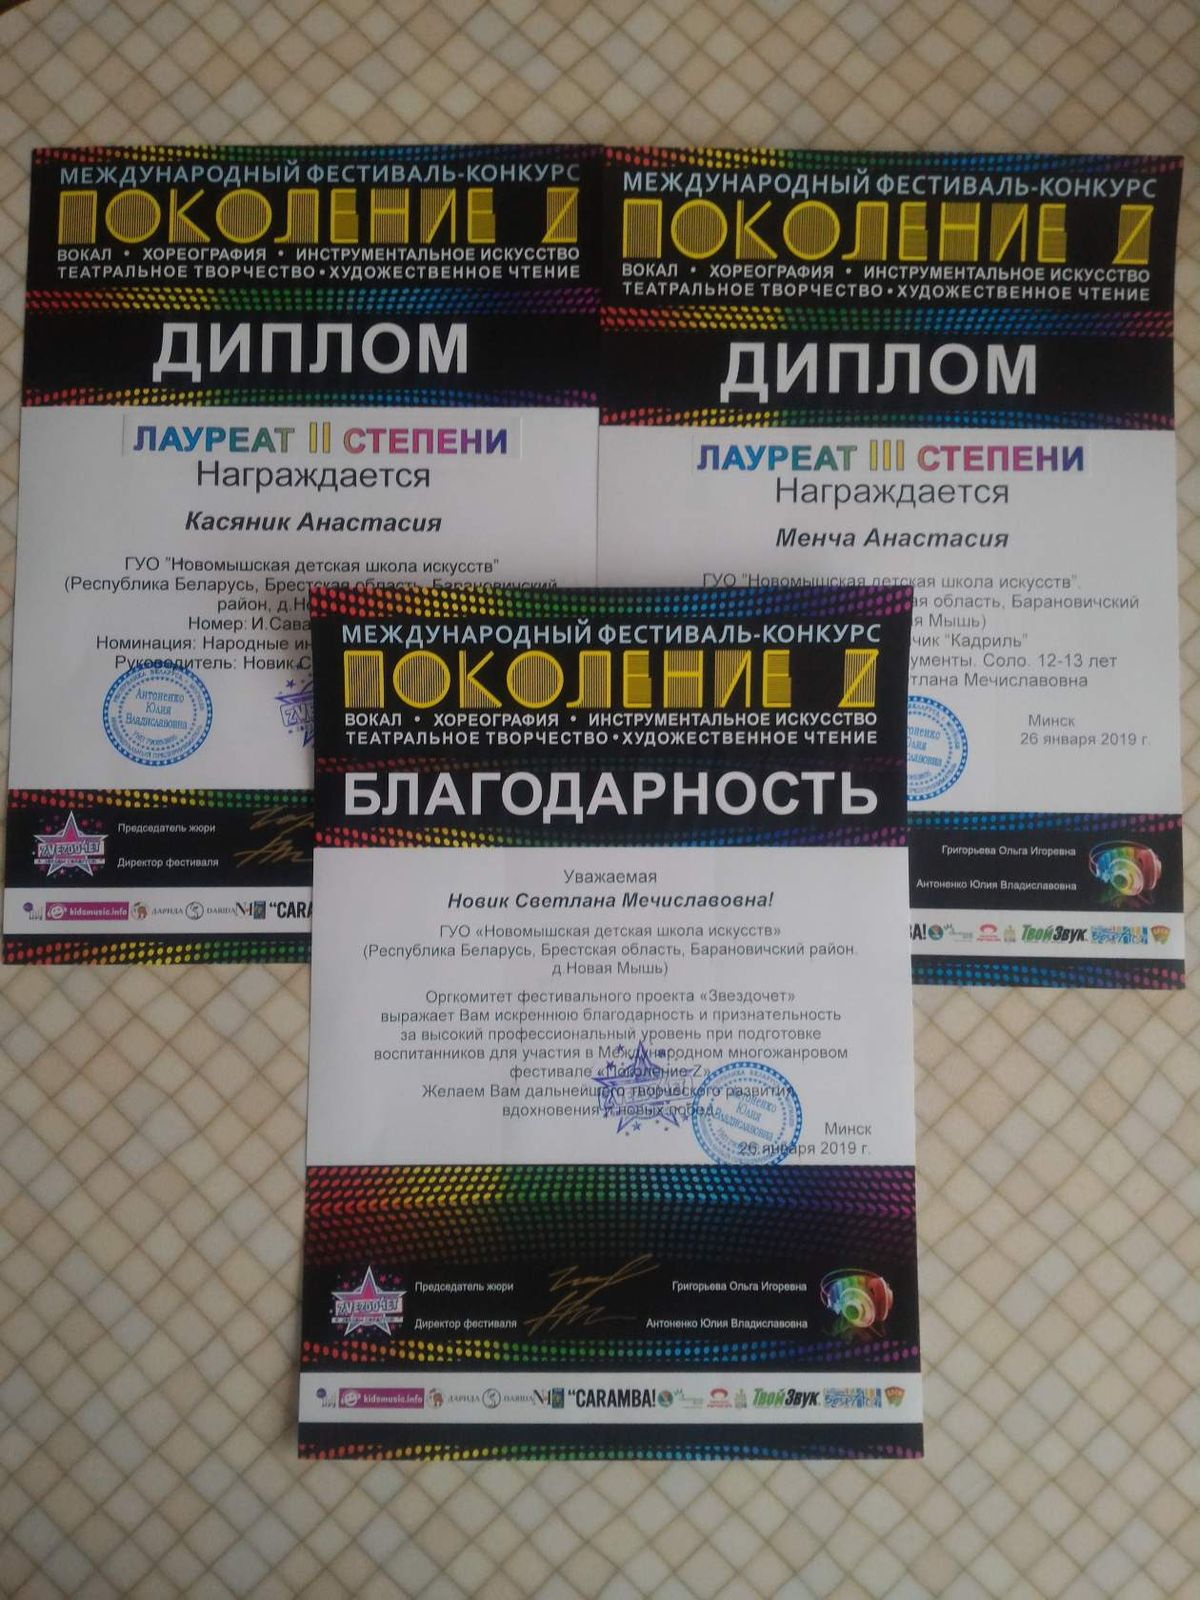 Музыканты Барановичского района стали лауреатами международного конкурса. Фото: архив Светланы НОВИК